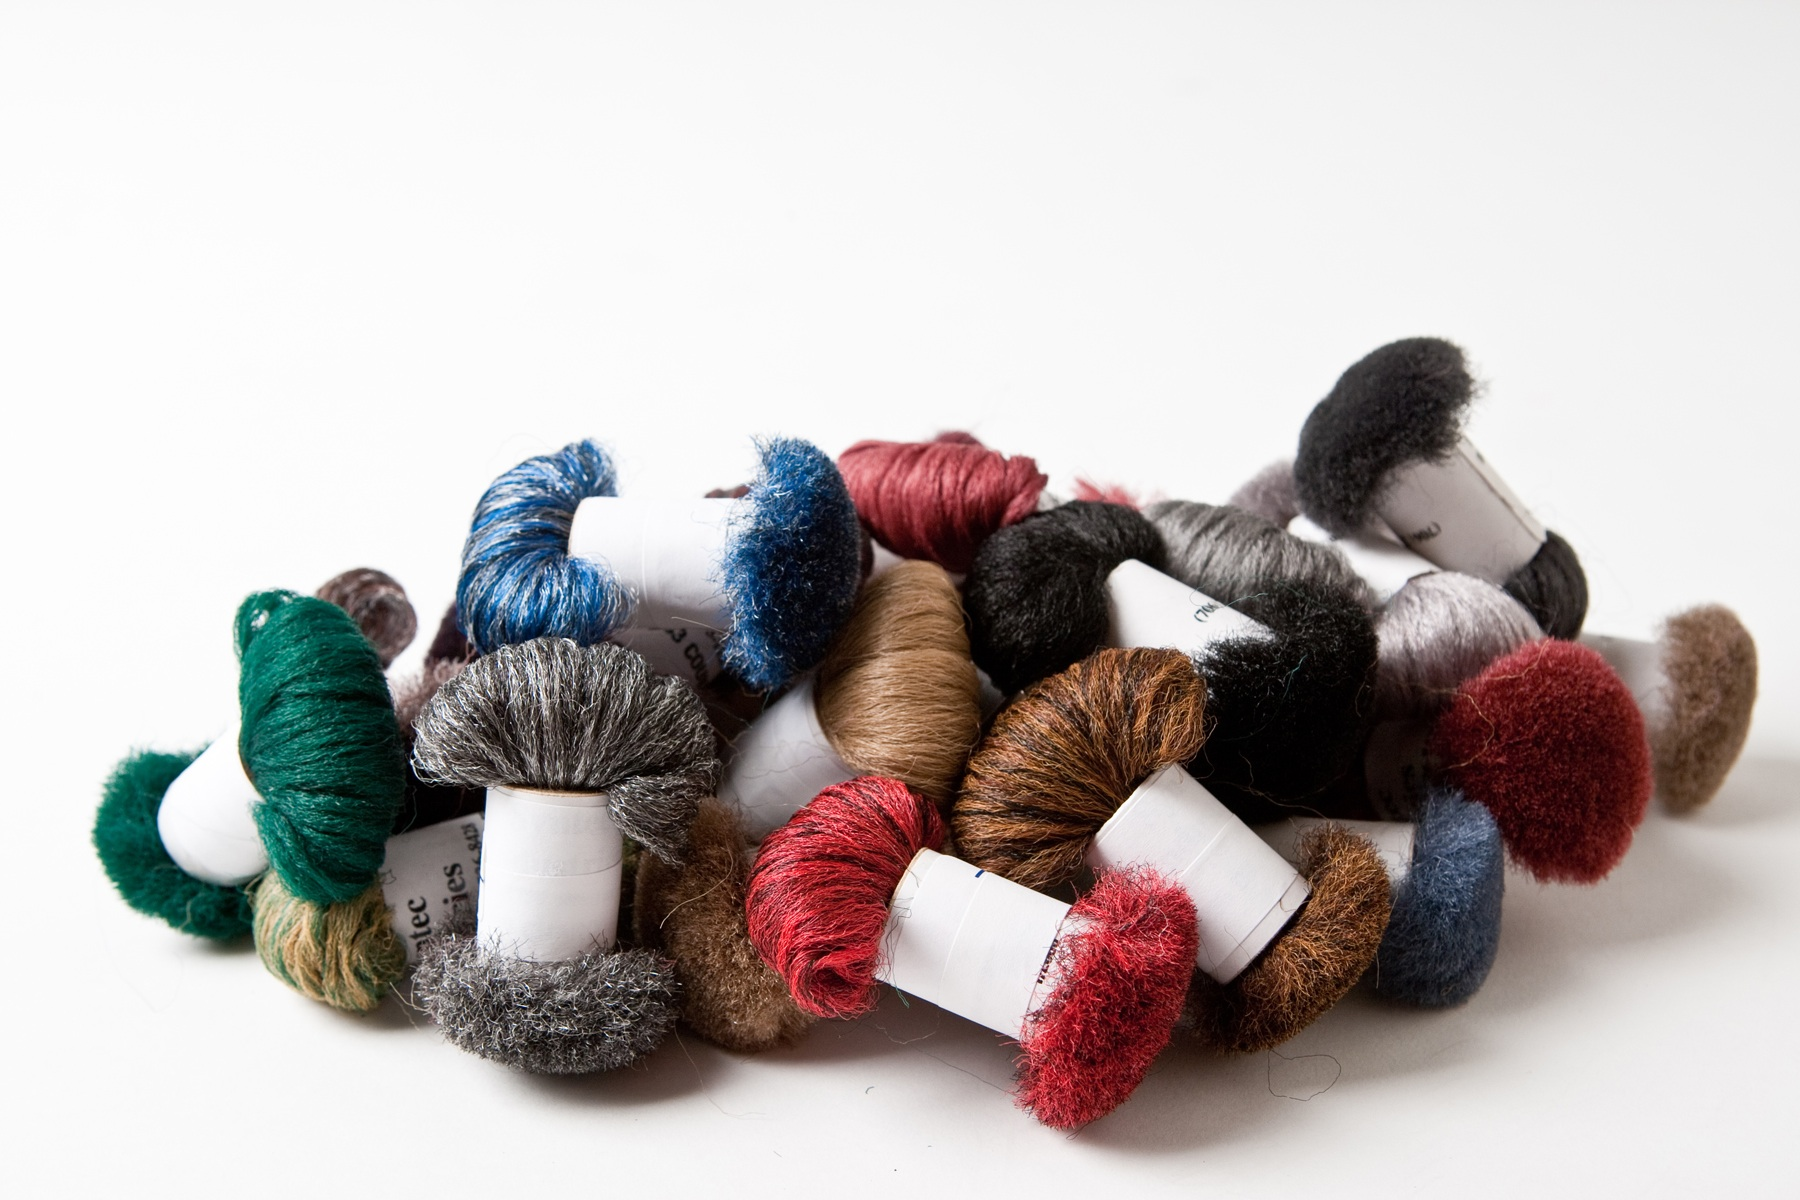 Image of Yarn from Dr. Doormat's Natural Fiber Doormats